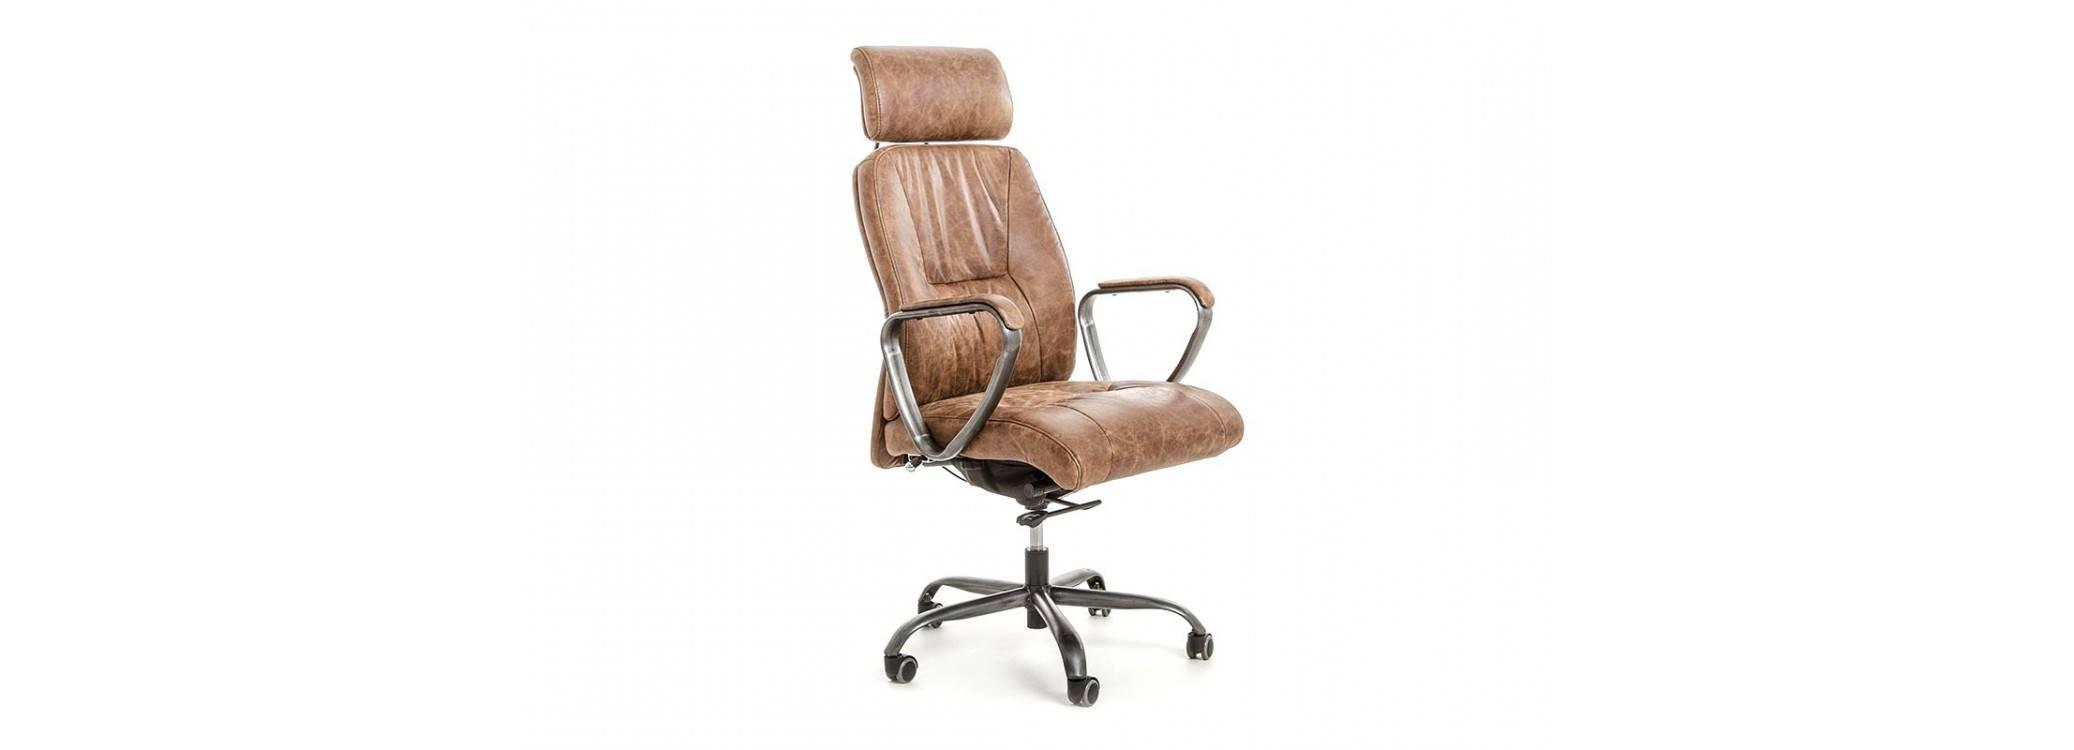 Fauteuil de bureau en cuir marron vintage et métal noir clair